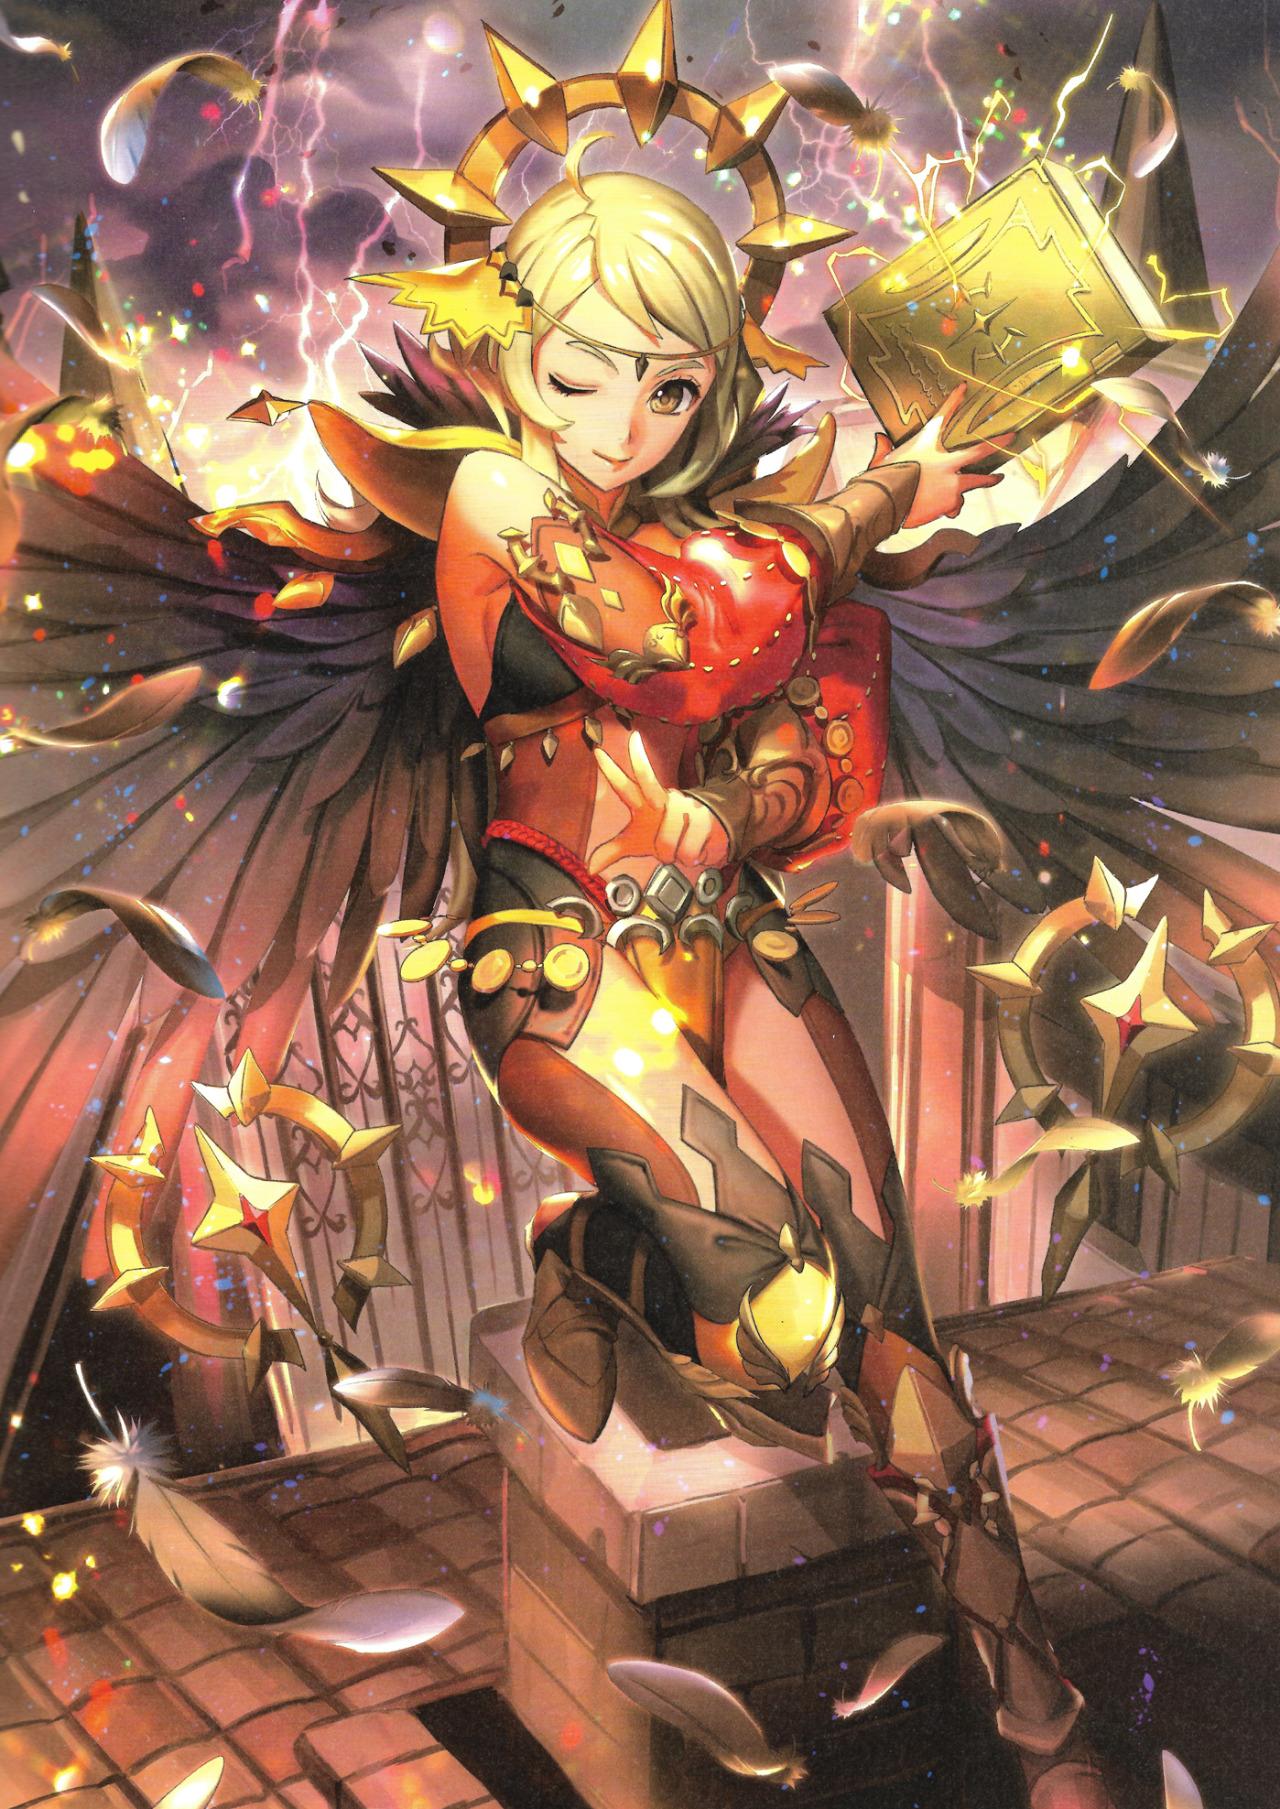 fire-emblem-fates-ophelia-waifu